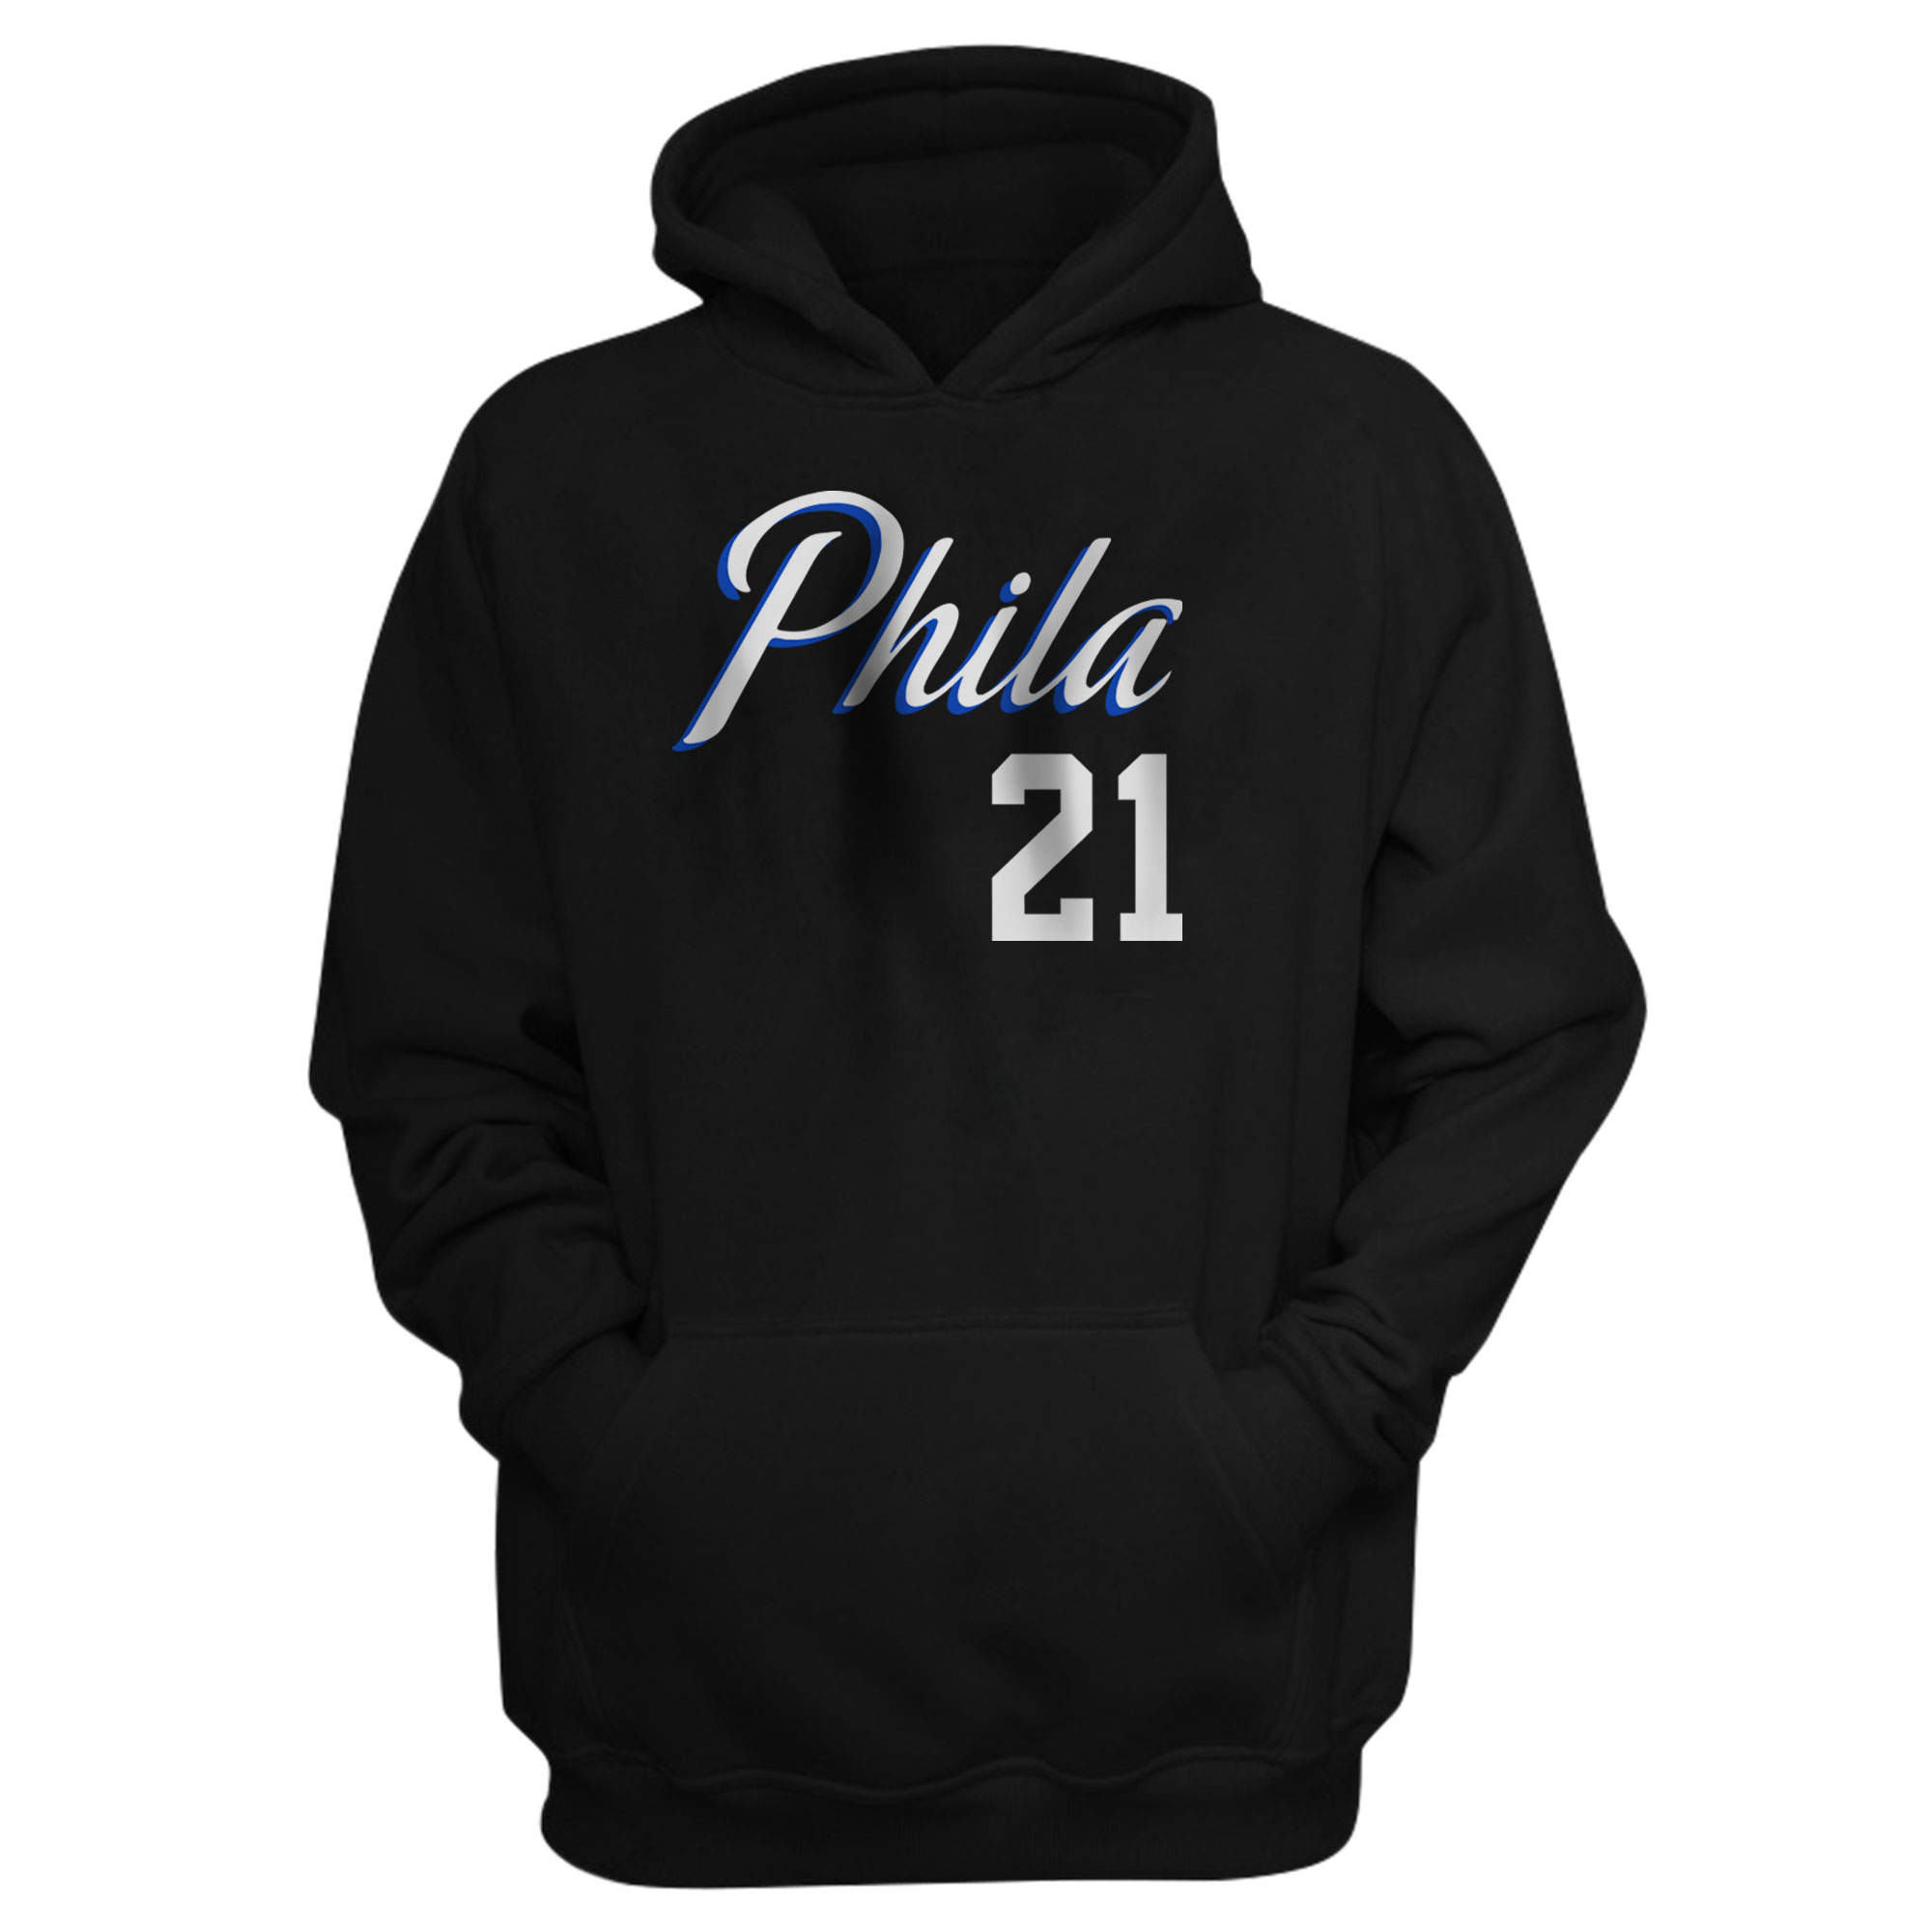 Philadelphia 76ers Joel Embiid Hoodie (HD-BLC-PLT-504-21)